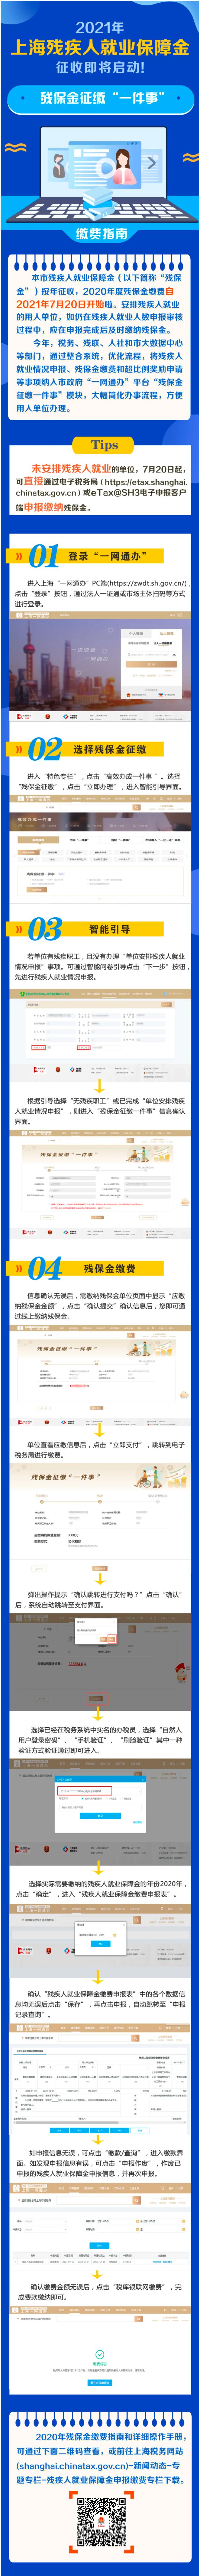 上海残保金申报